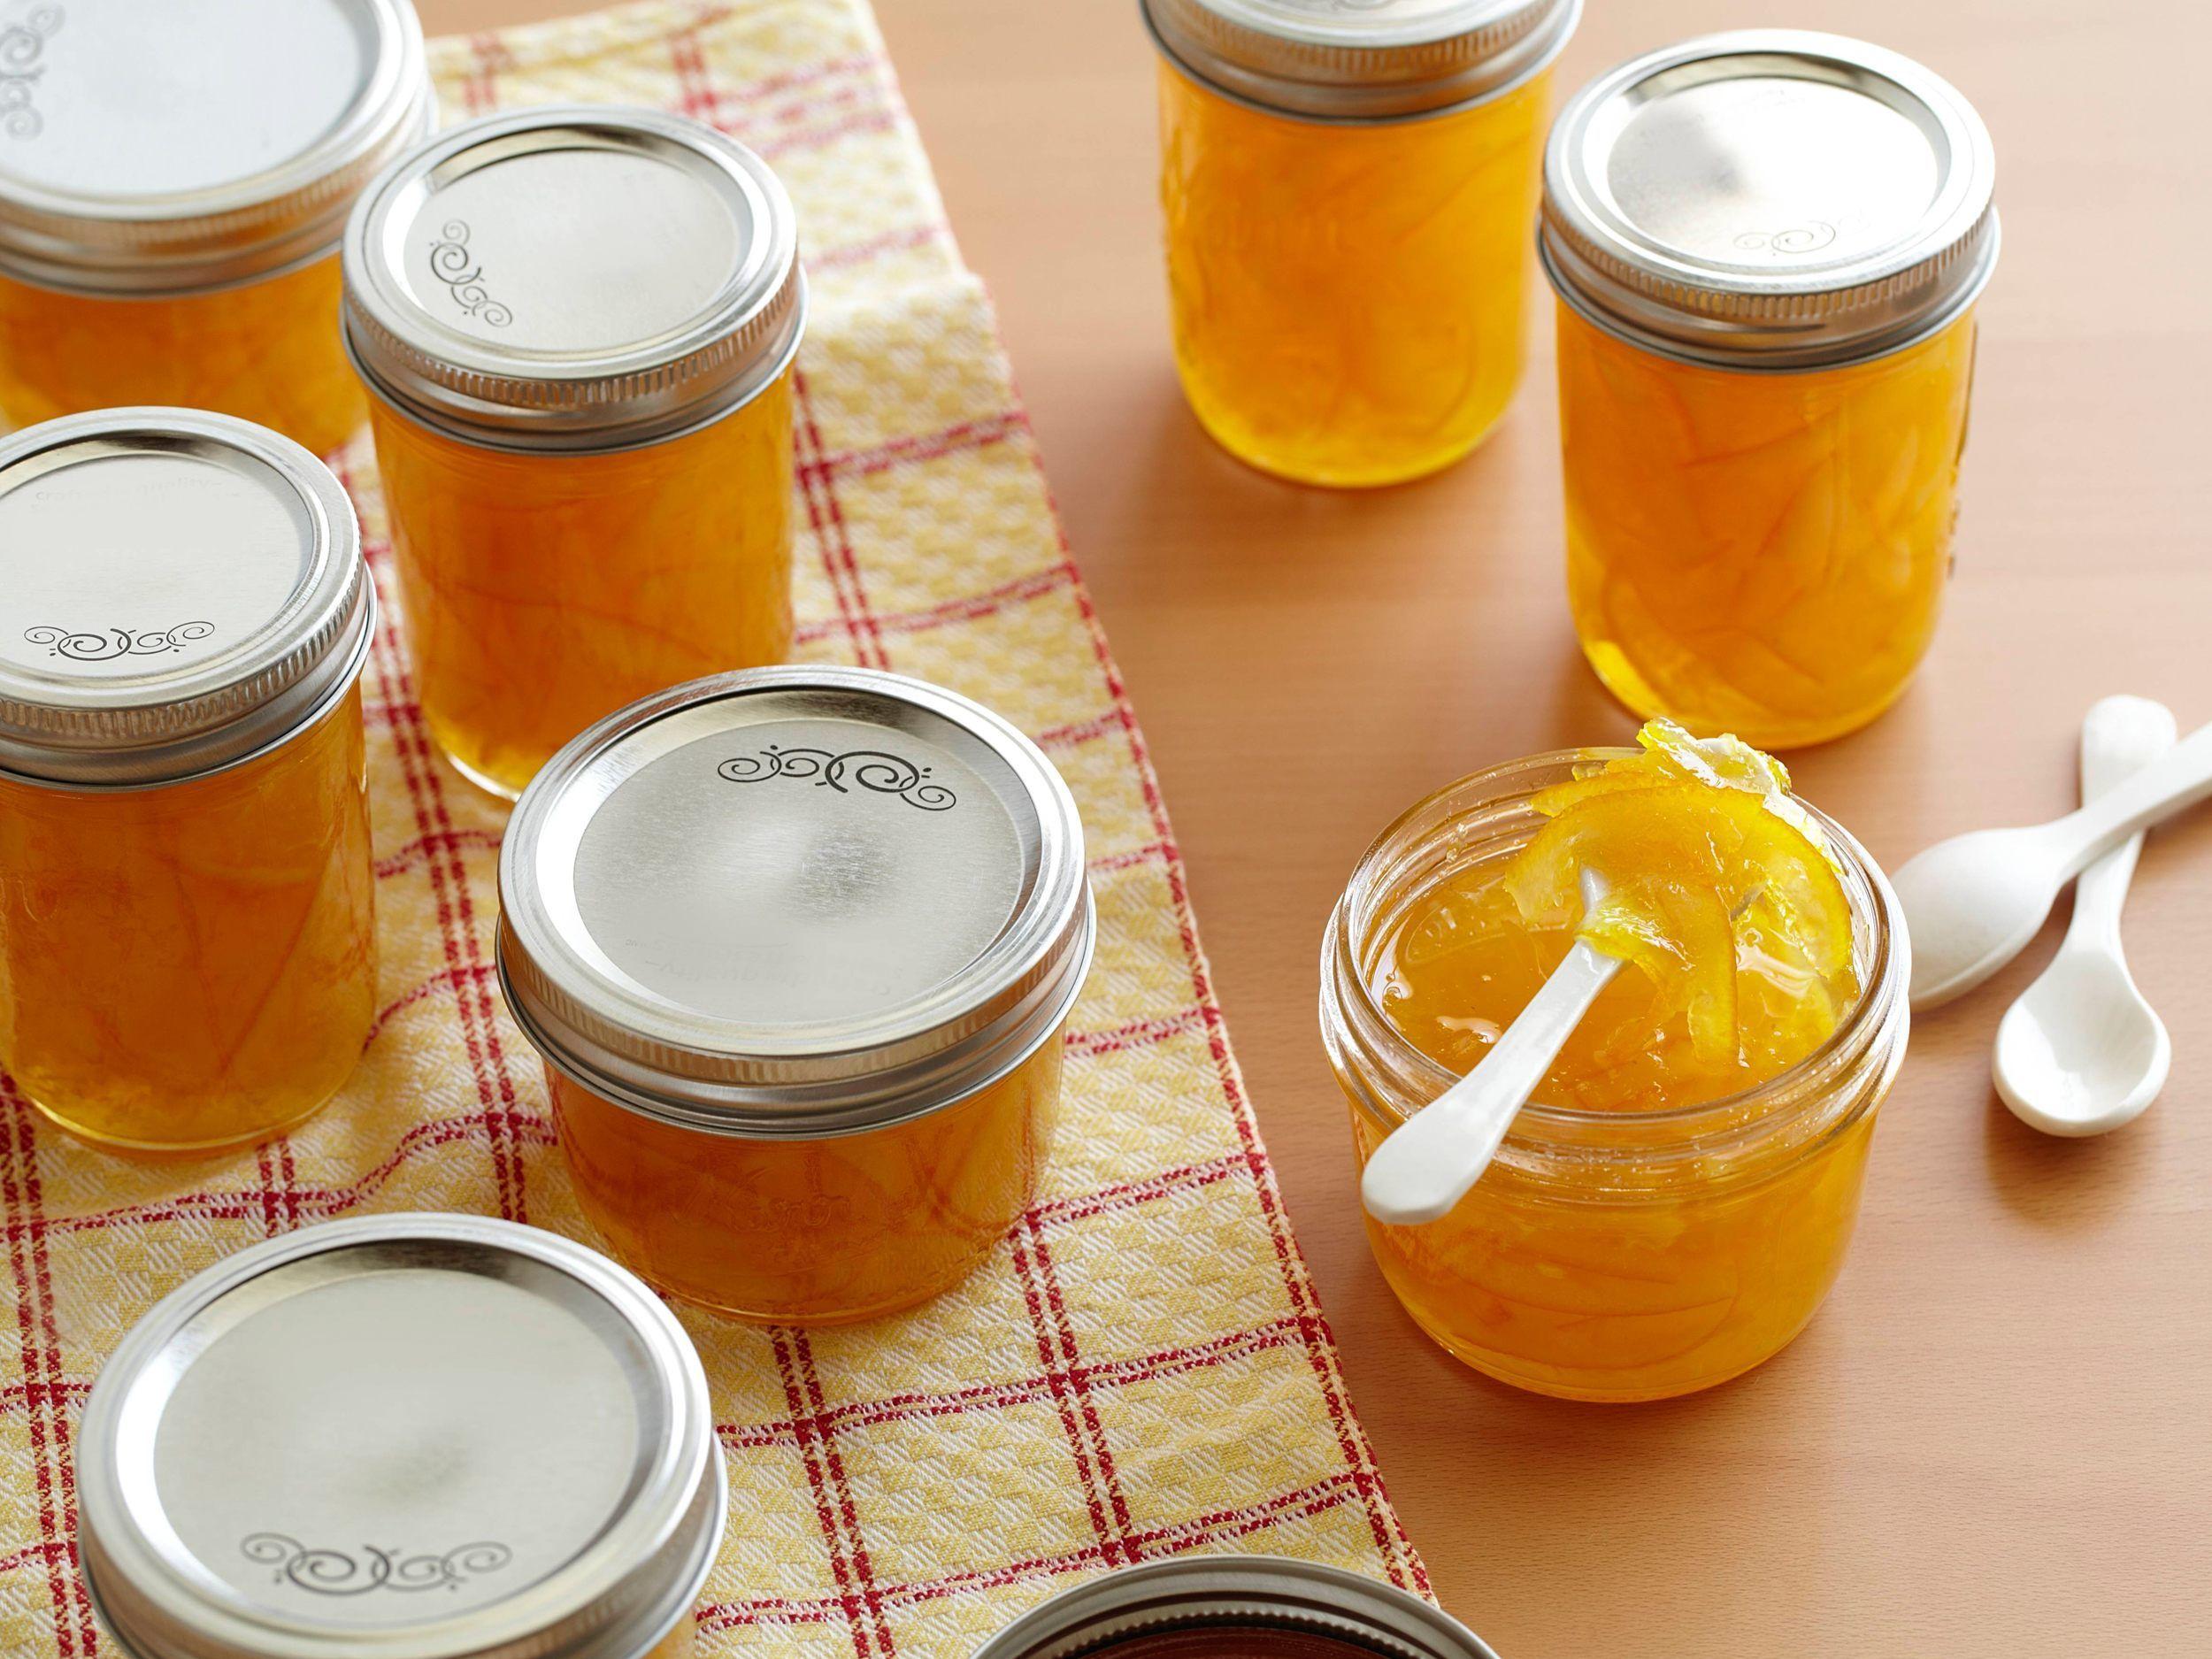 d couvrez la recette thermomix de marmelade d 39 orange et donnez votre avis ou commentez pour l. Black Bedroom Furniture Sets. Home Design Ideas